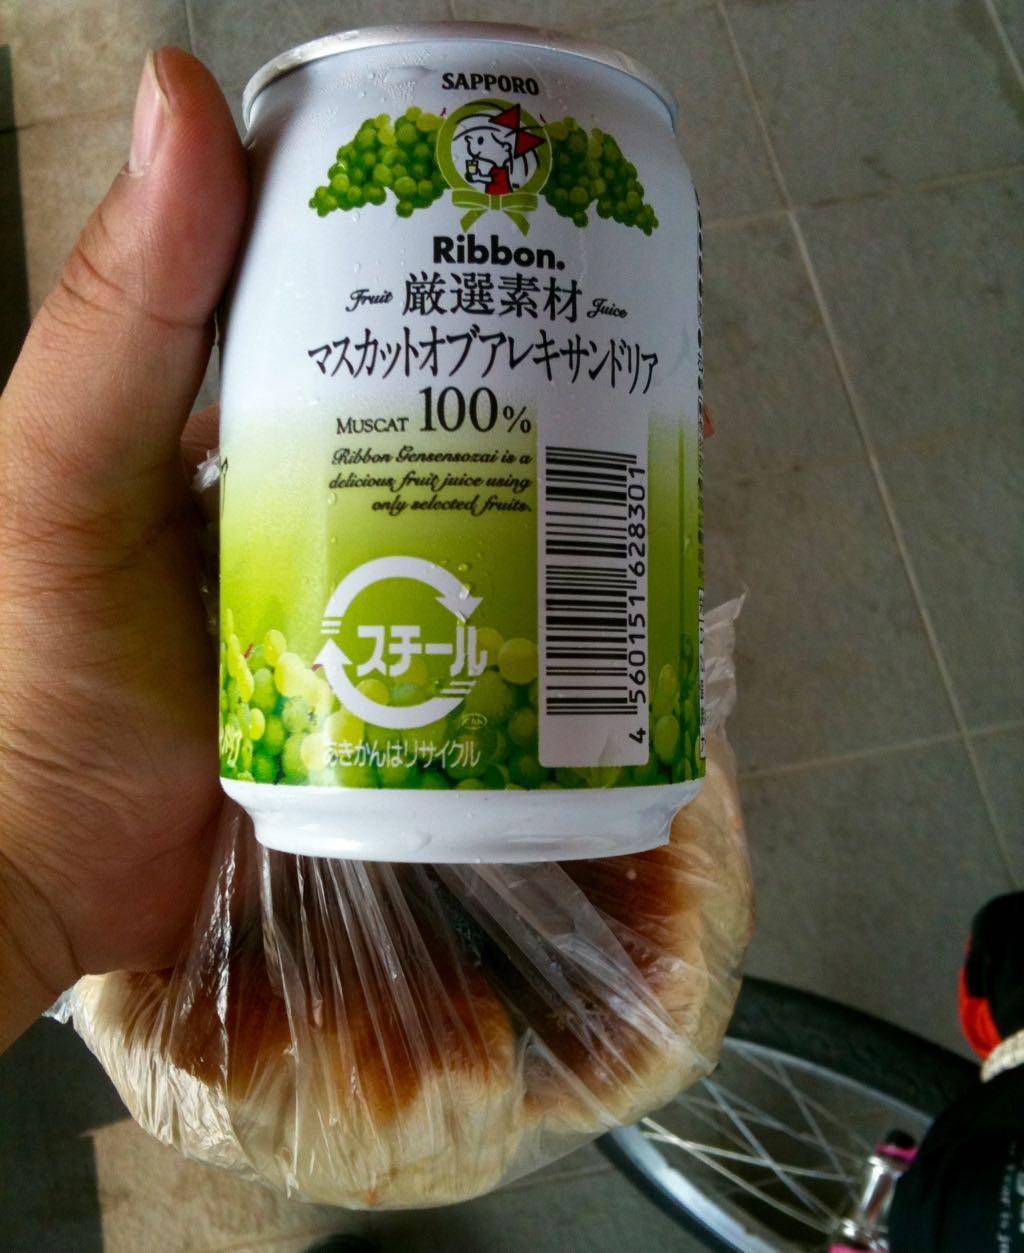 [야나가와] 할머니가 주신 음료수와 빵